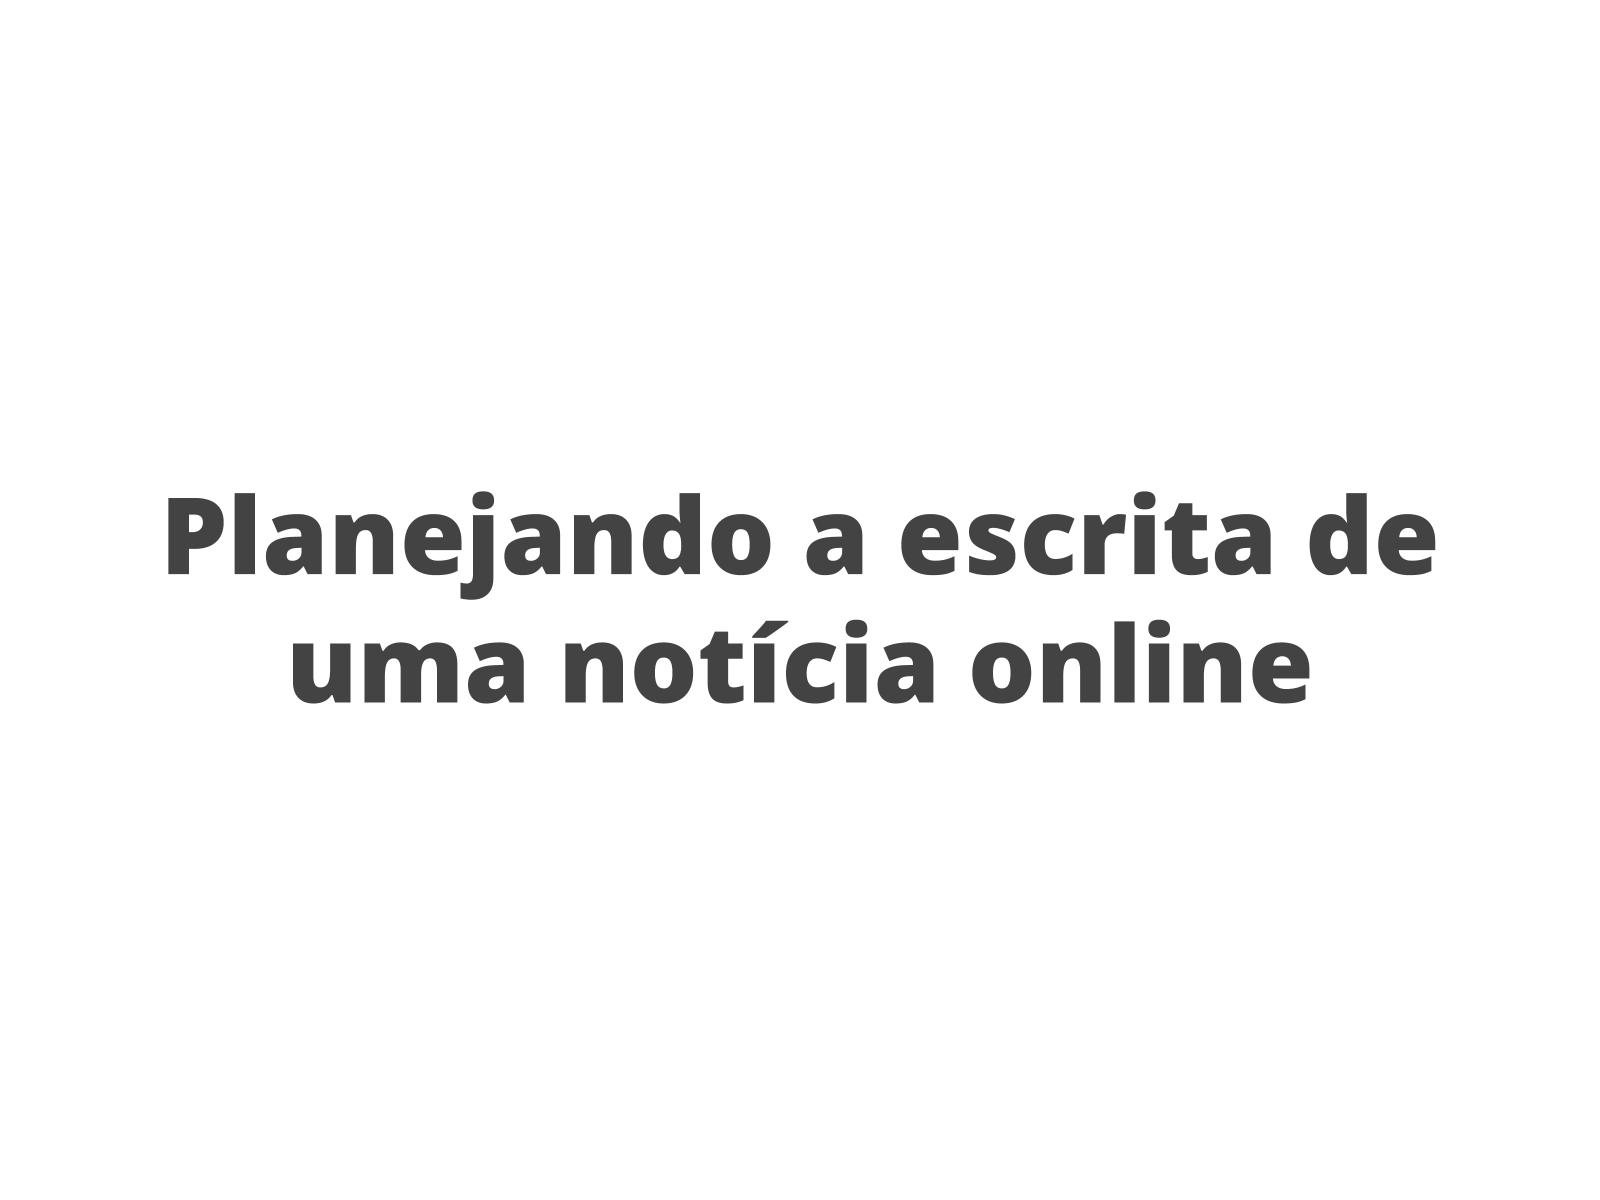 Planejando notícias online